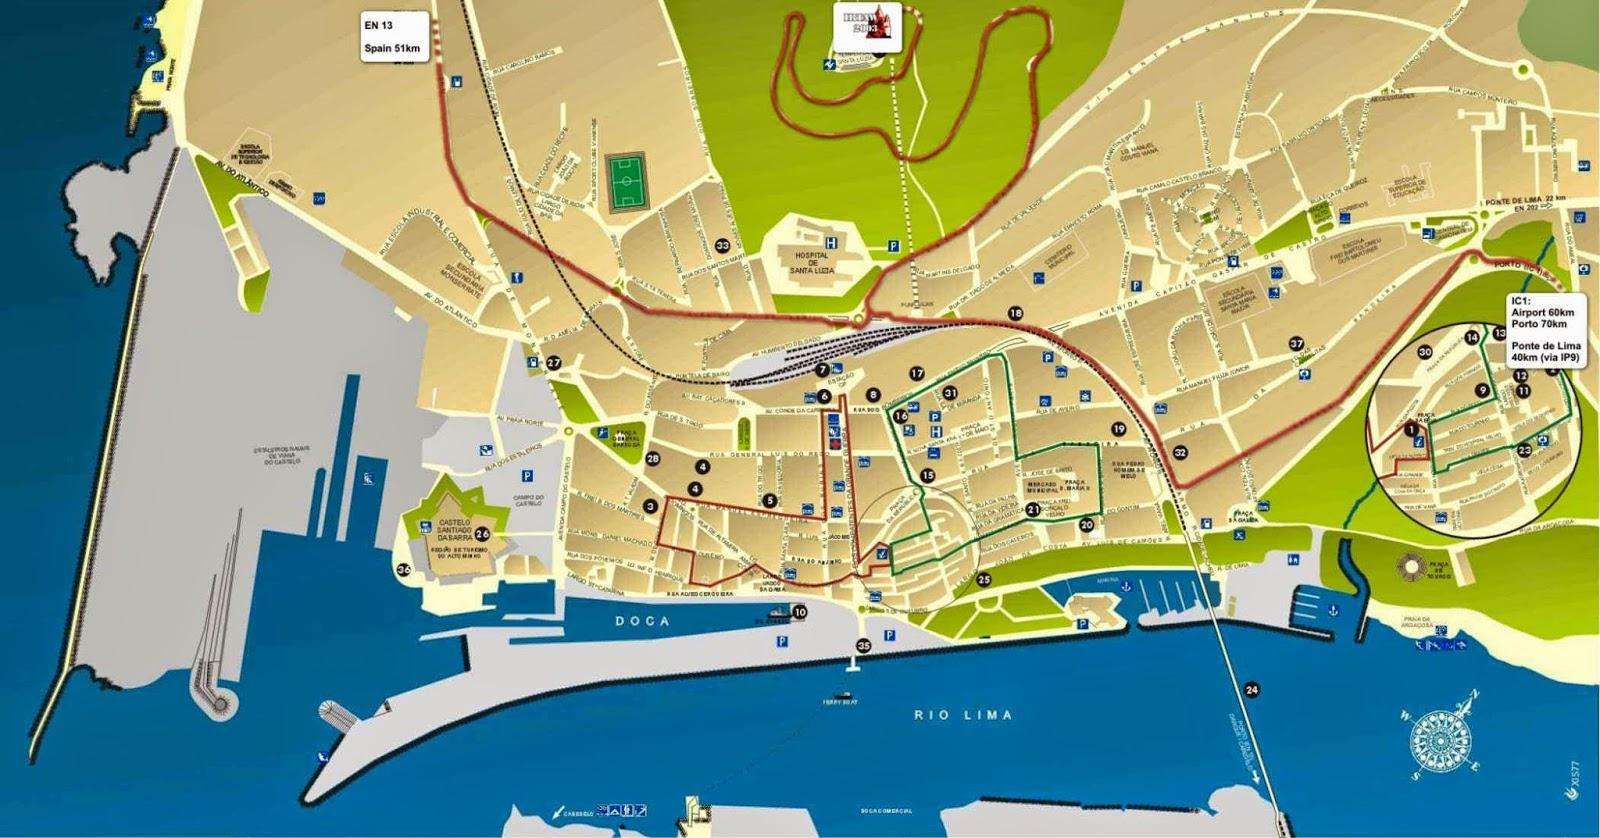 mapa viana do castelo Mapas de Viana do Castelo   Portugal | MapasBlog mapa viana do castelo